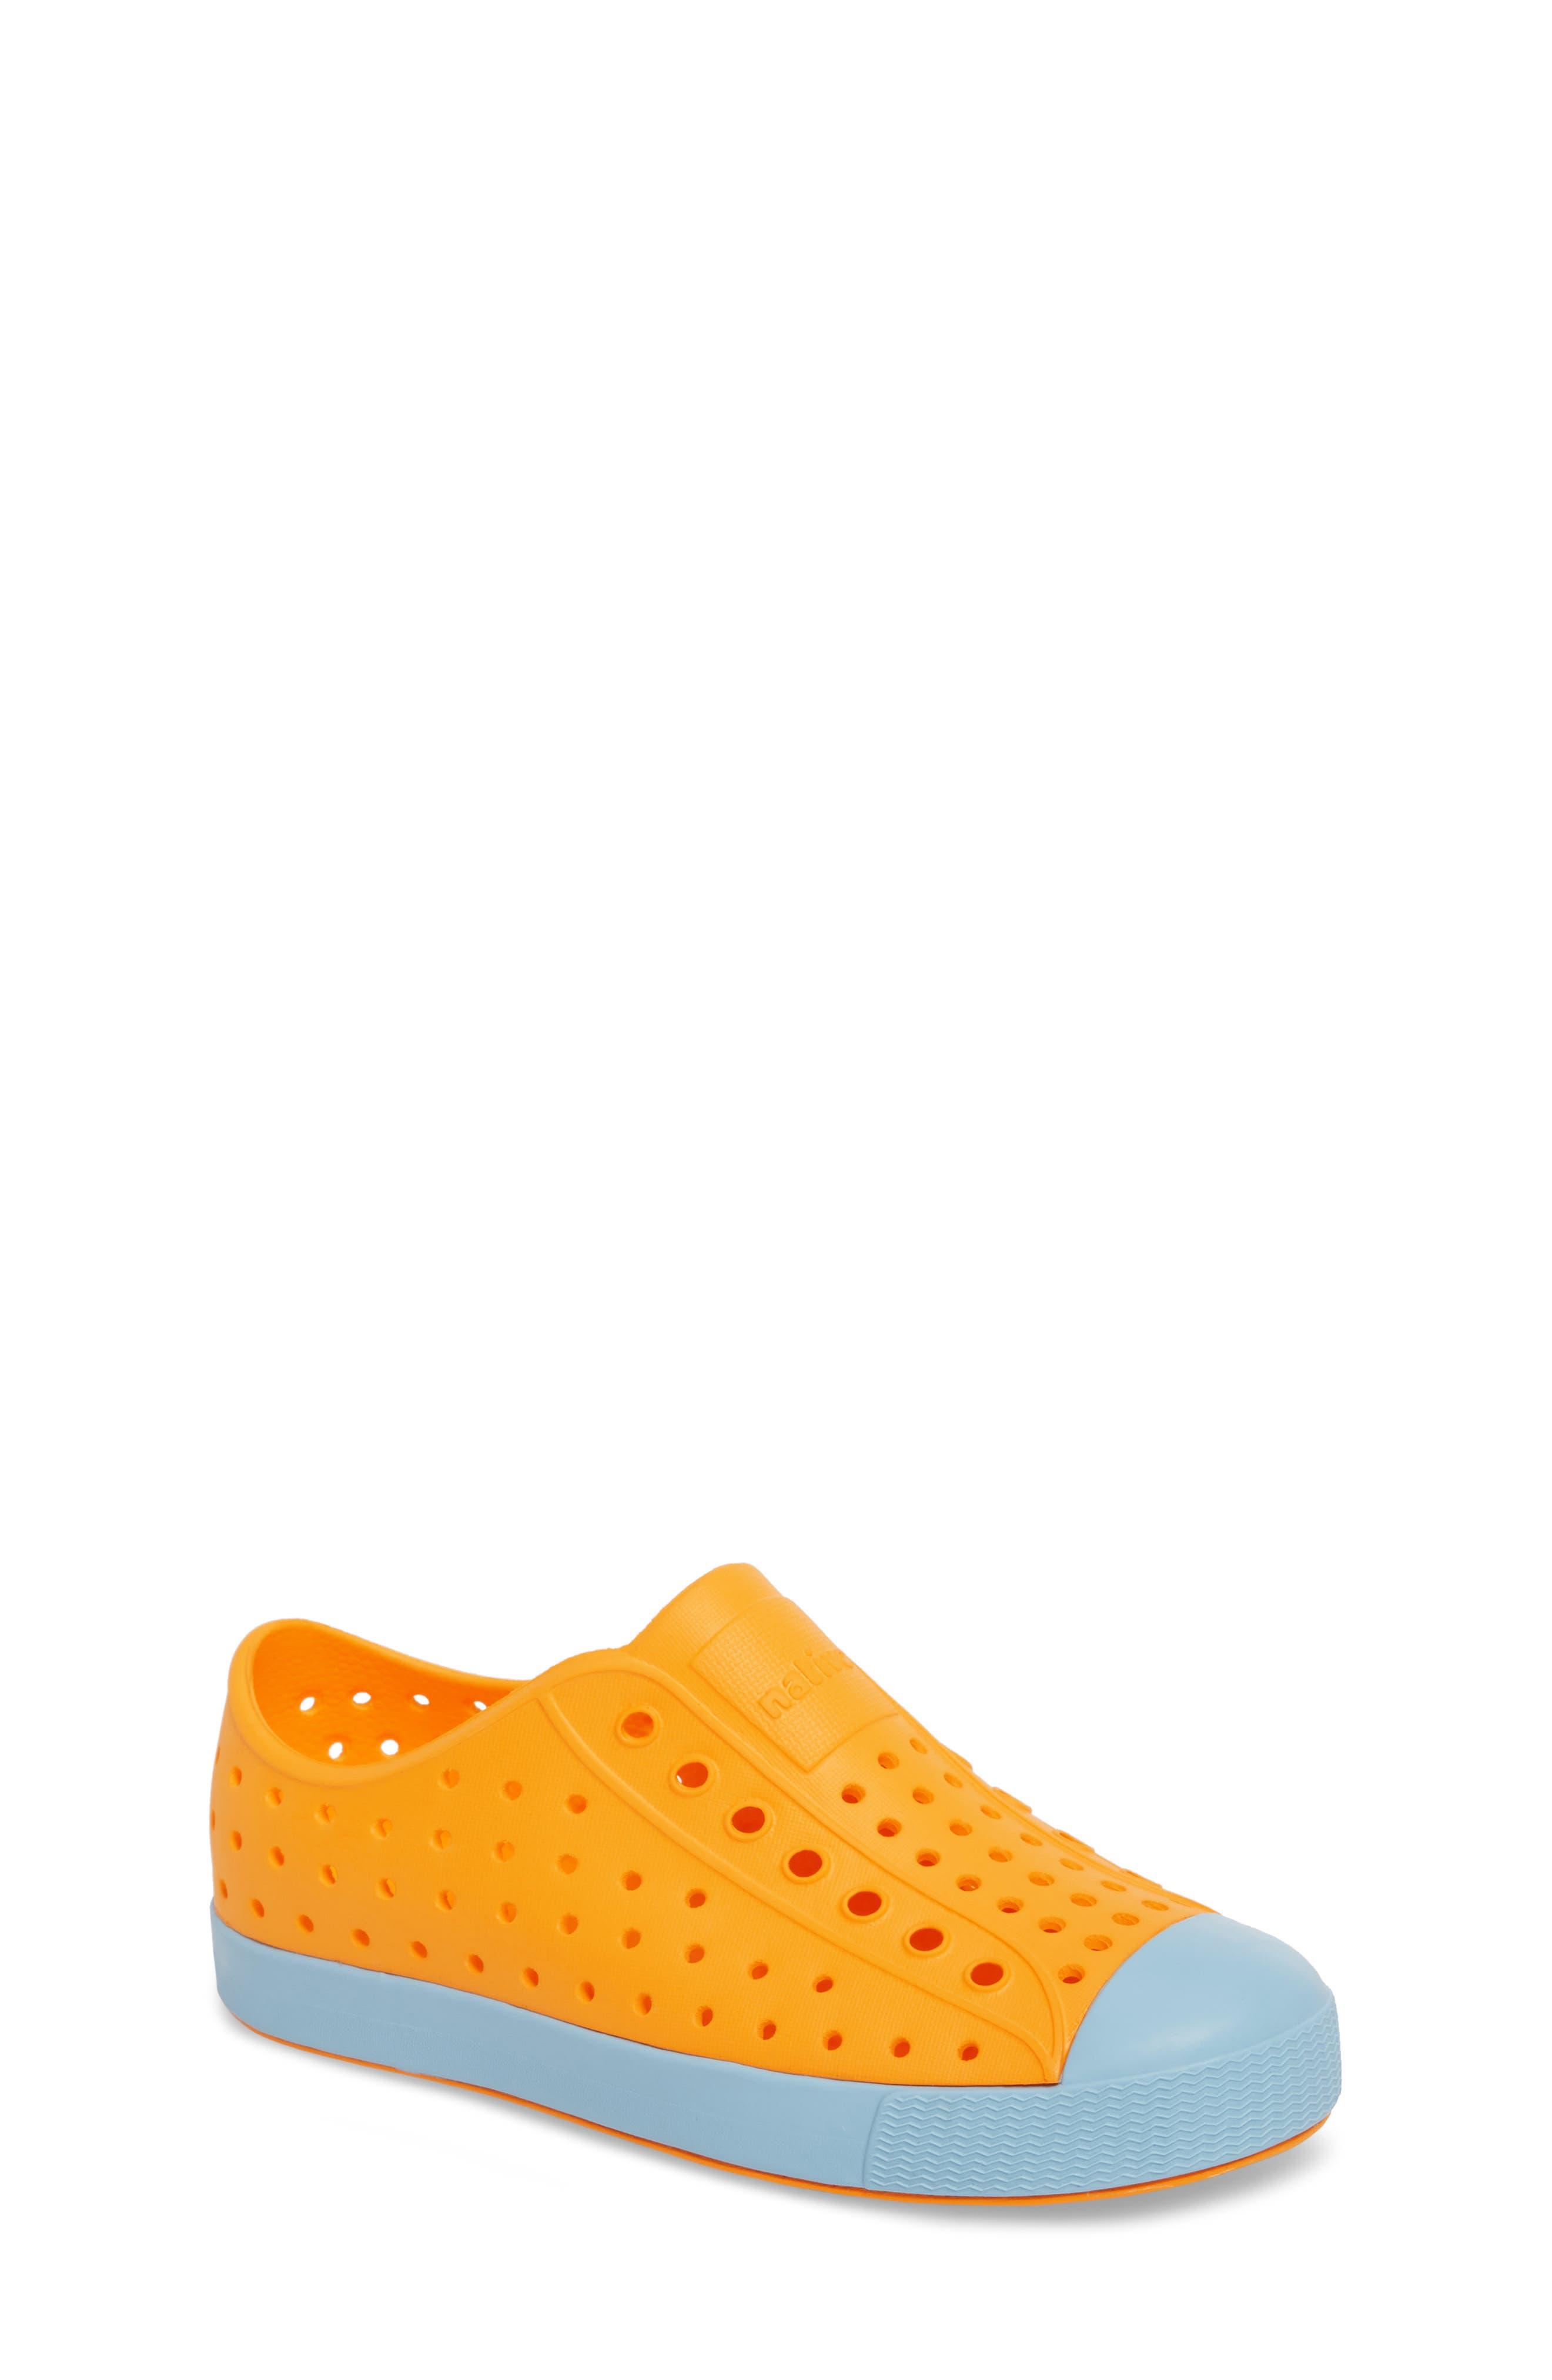 k swiss shoes nztcy newsela